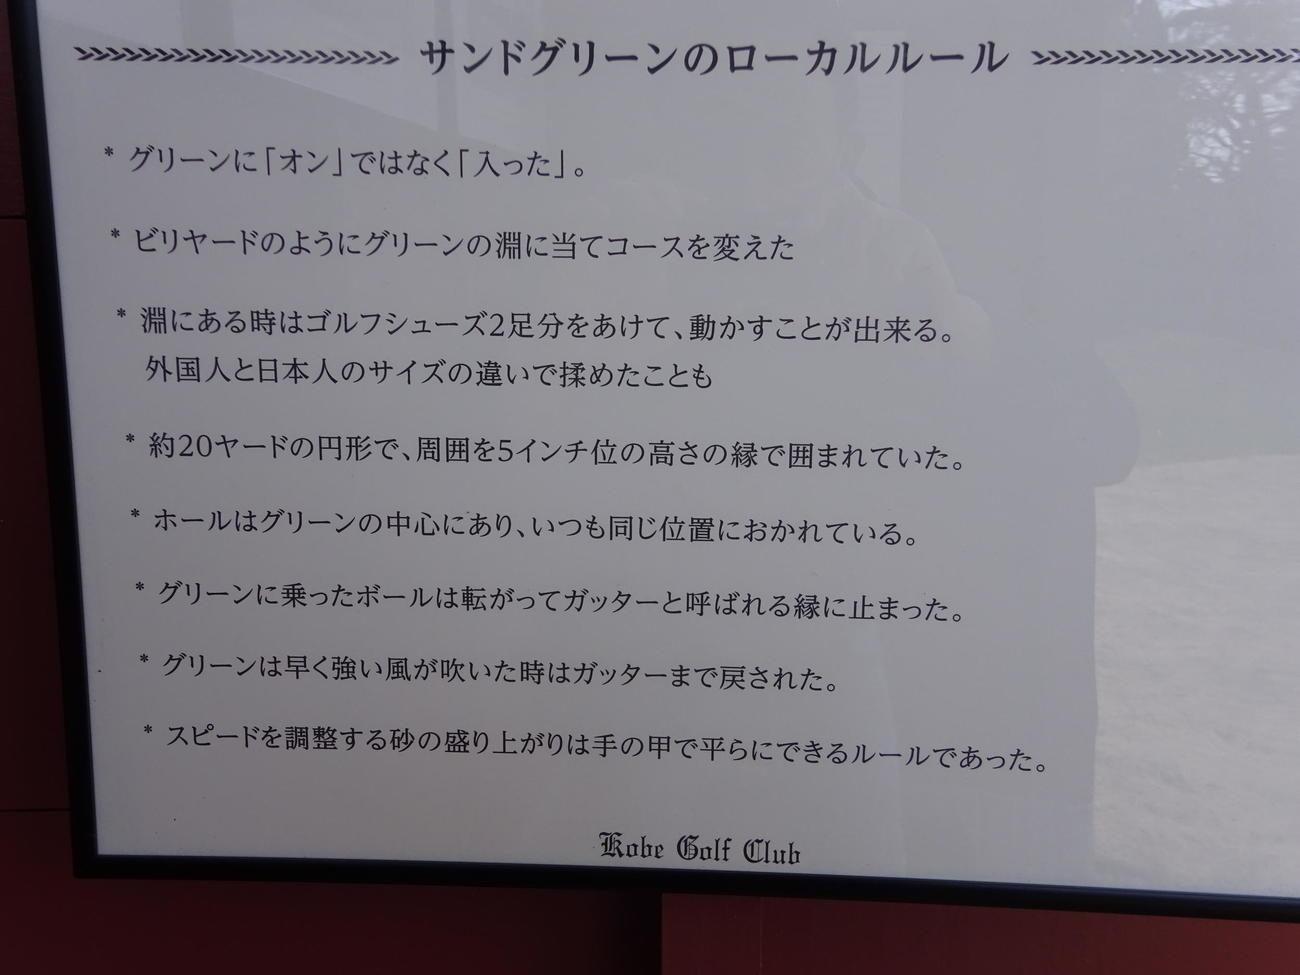 神戸ゴルフ倶楽部にあったサンドグリーンにおけるローカルルール(撮影・加藤裕一)